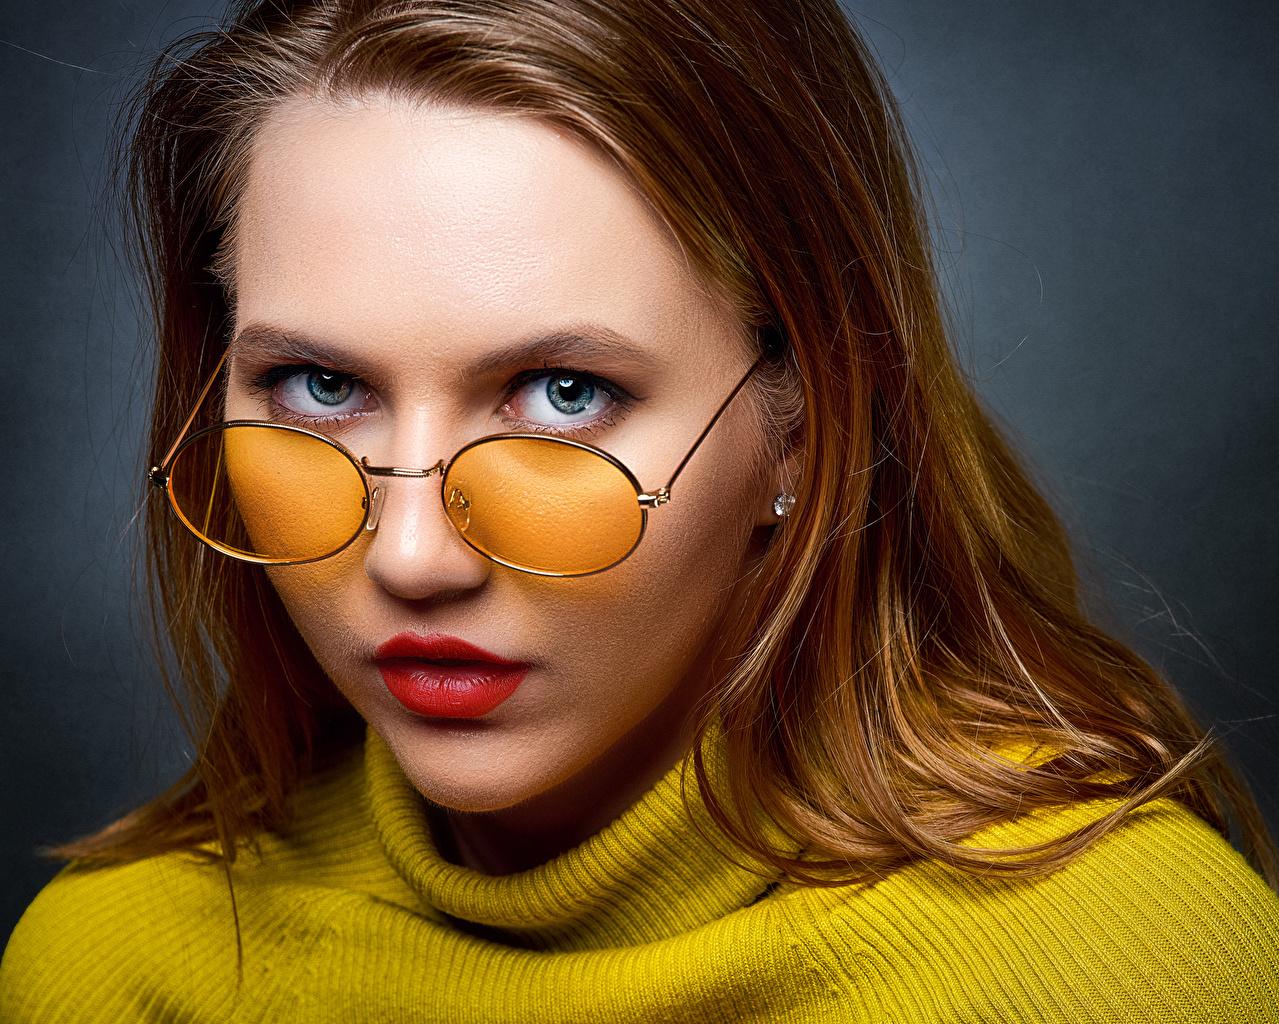 Fotos von Ulya, Nikolay Bobrovsky Gesicht Mädchens Brille Blick junge frau junge Frauen Starren